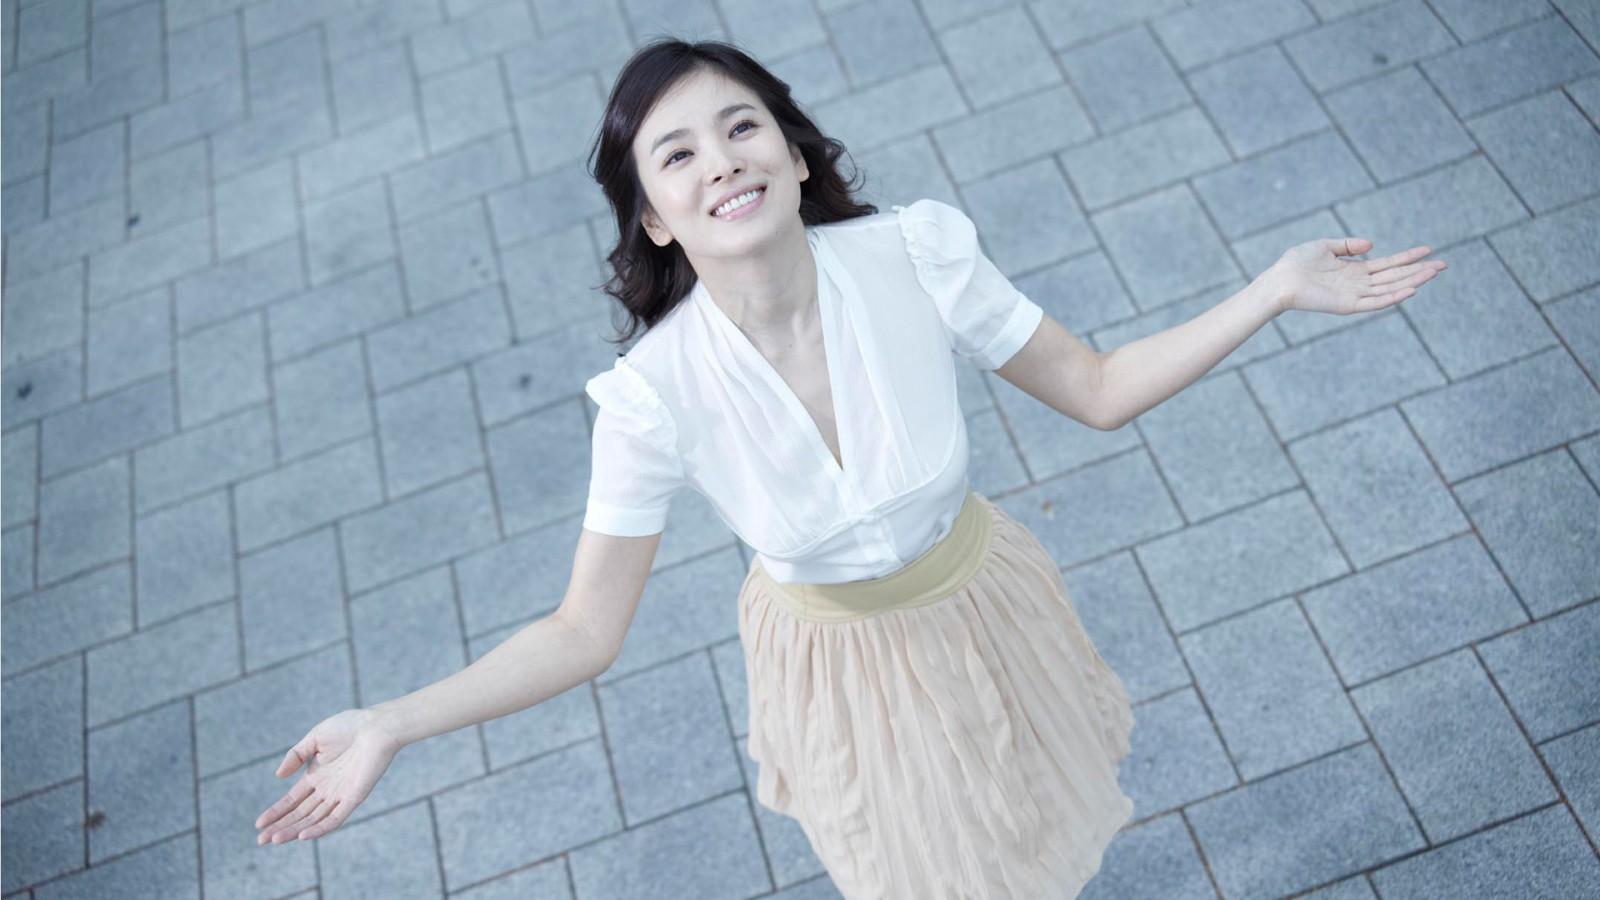 宋慧乔,可爱,笑容,韩国美女明星桌面壁纸